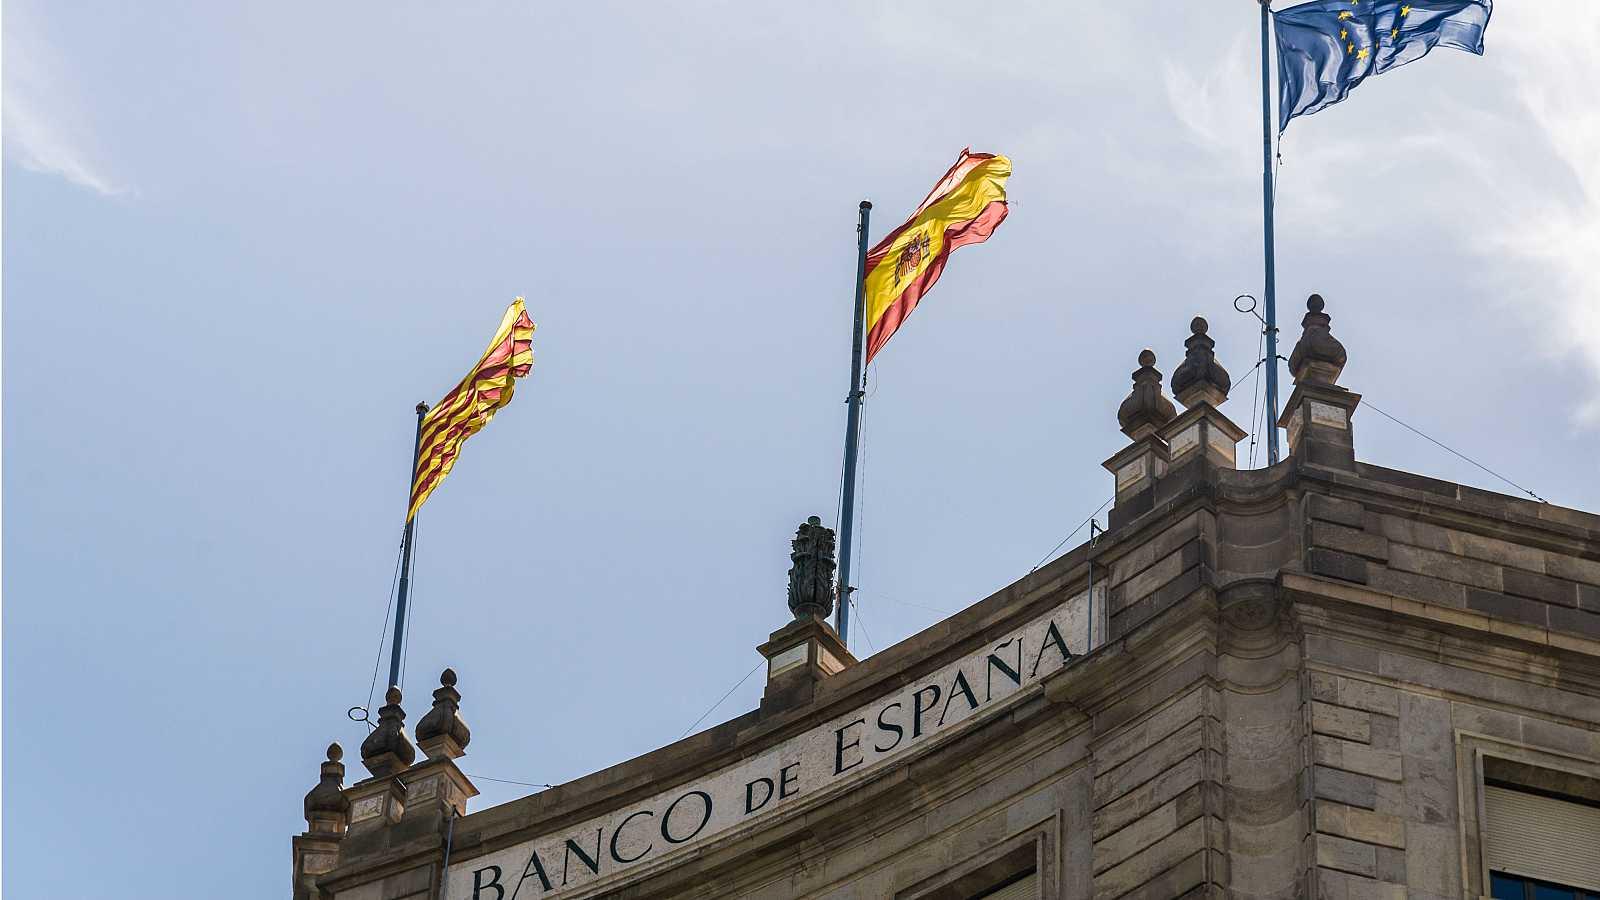 Cataluña, mejor región del sur de Europa para invertir, según Financial Times